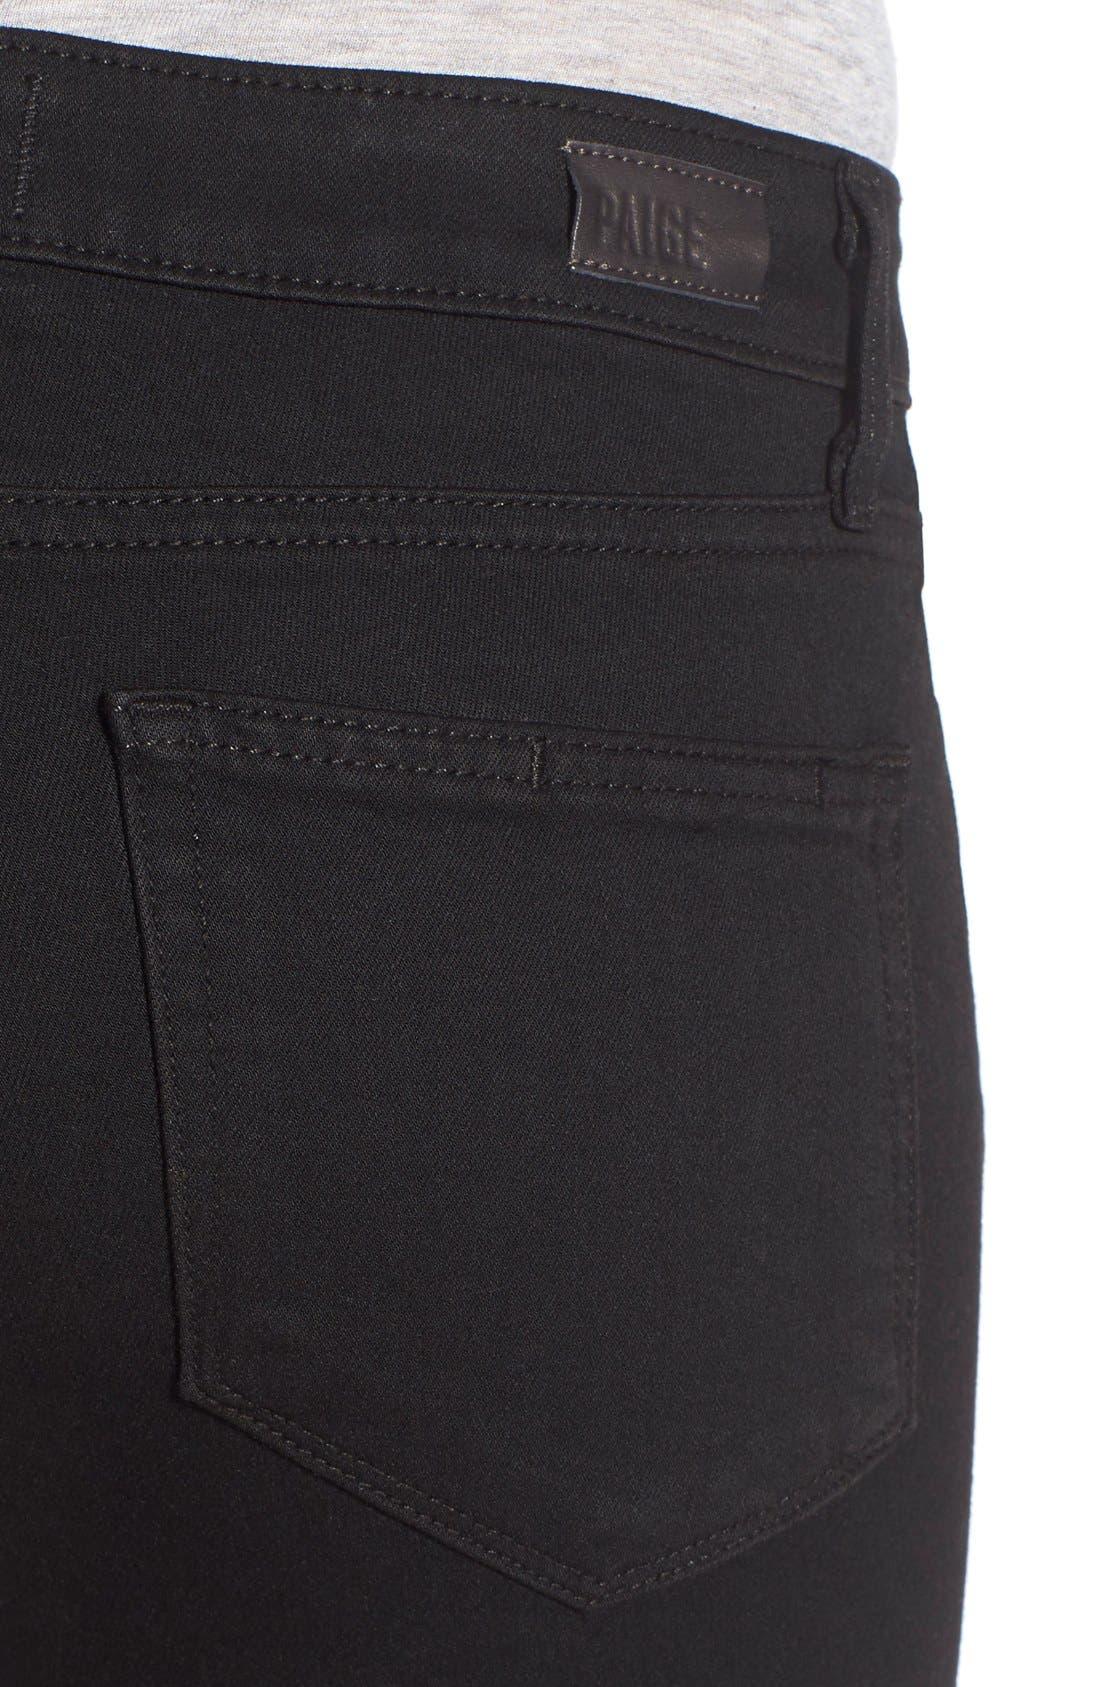 Alternate Image 4  - Paige Denim 'Transcend - Verdugo' Crop Skinny Jeans (Black Destructed)